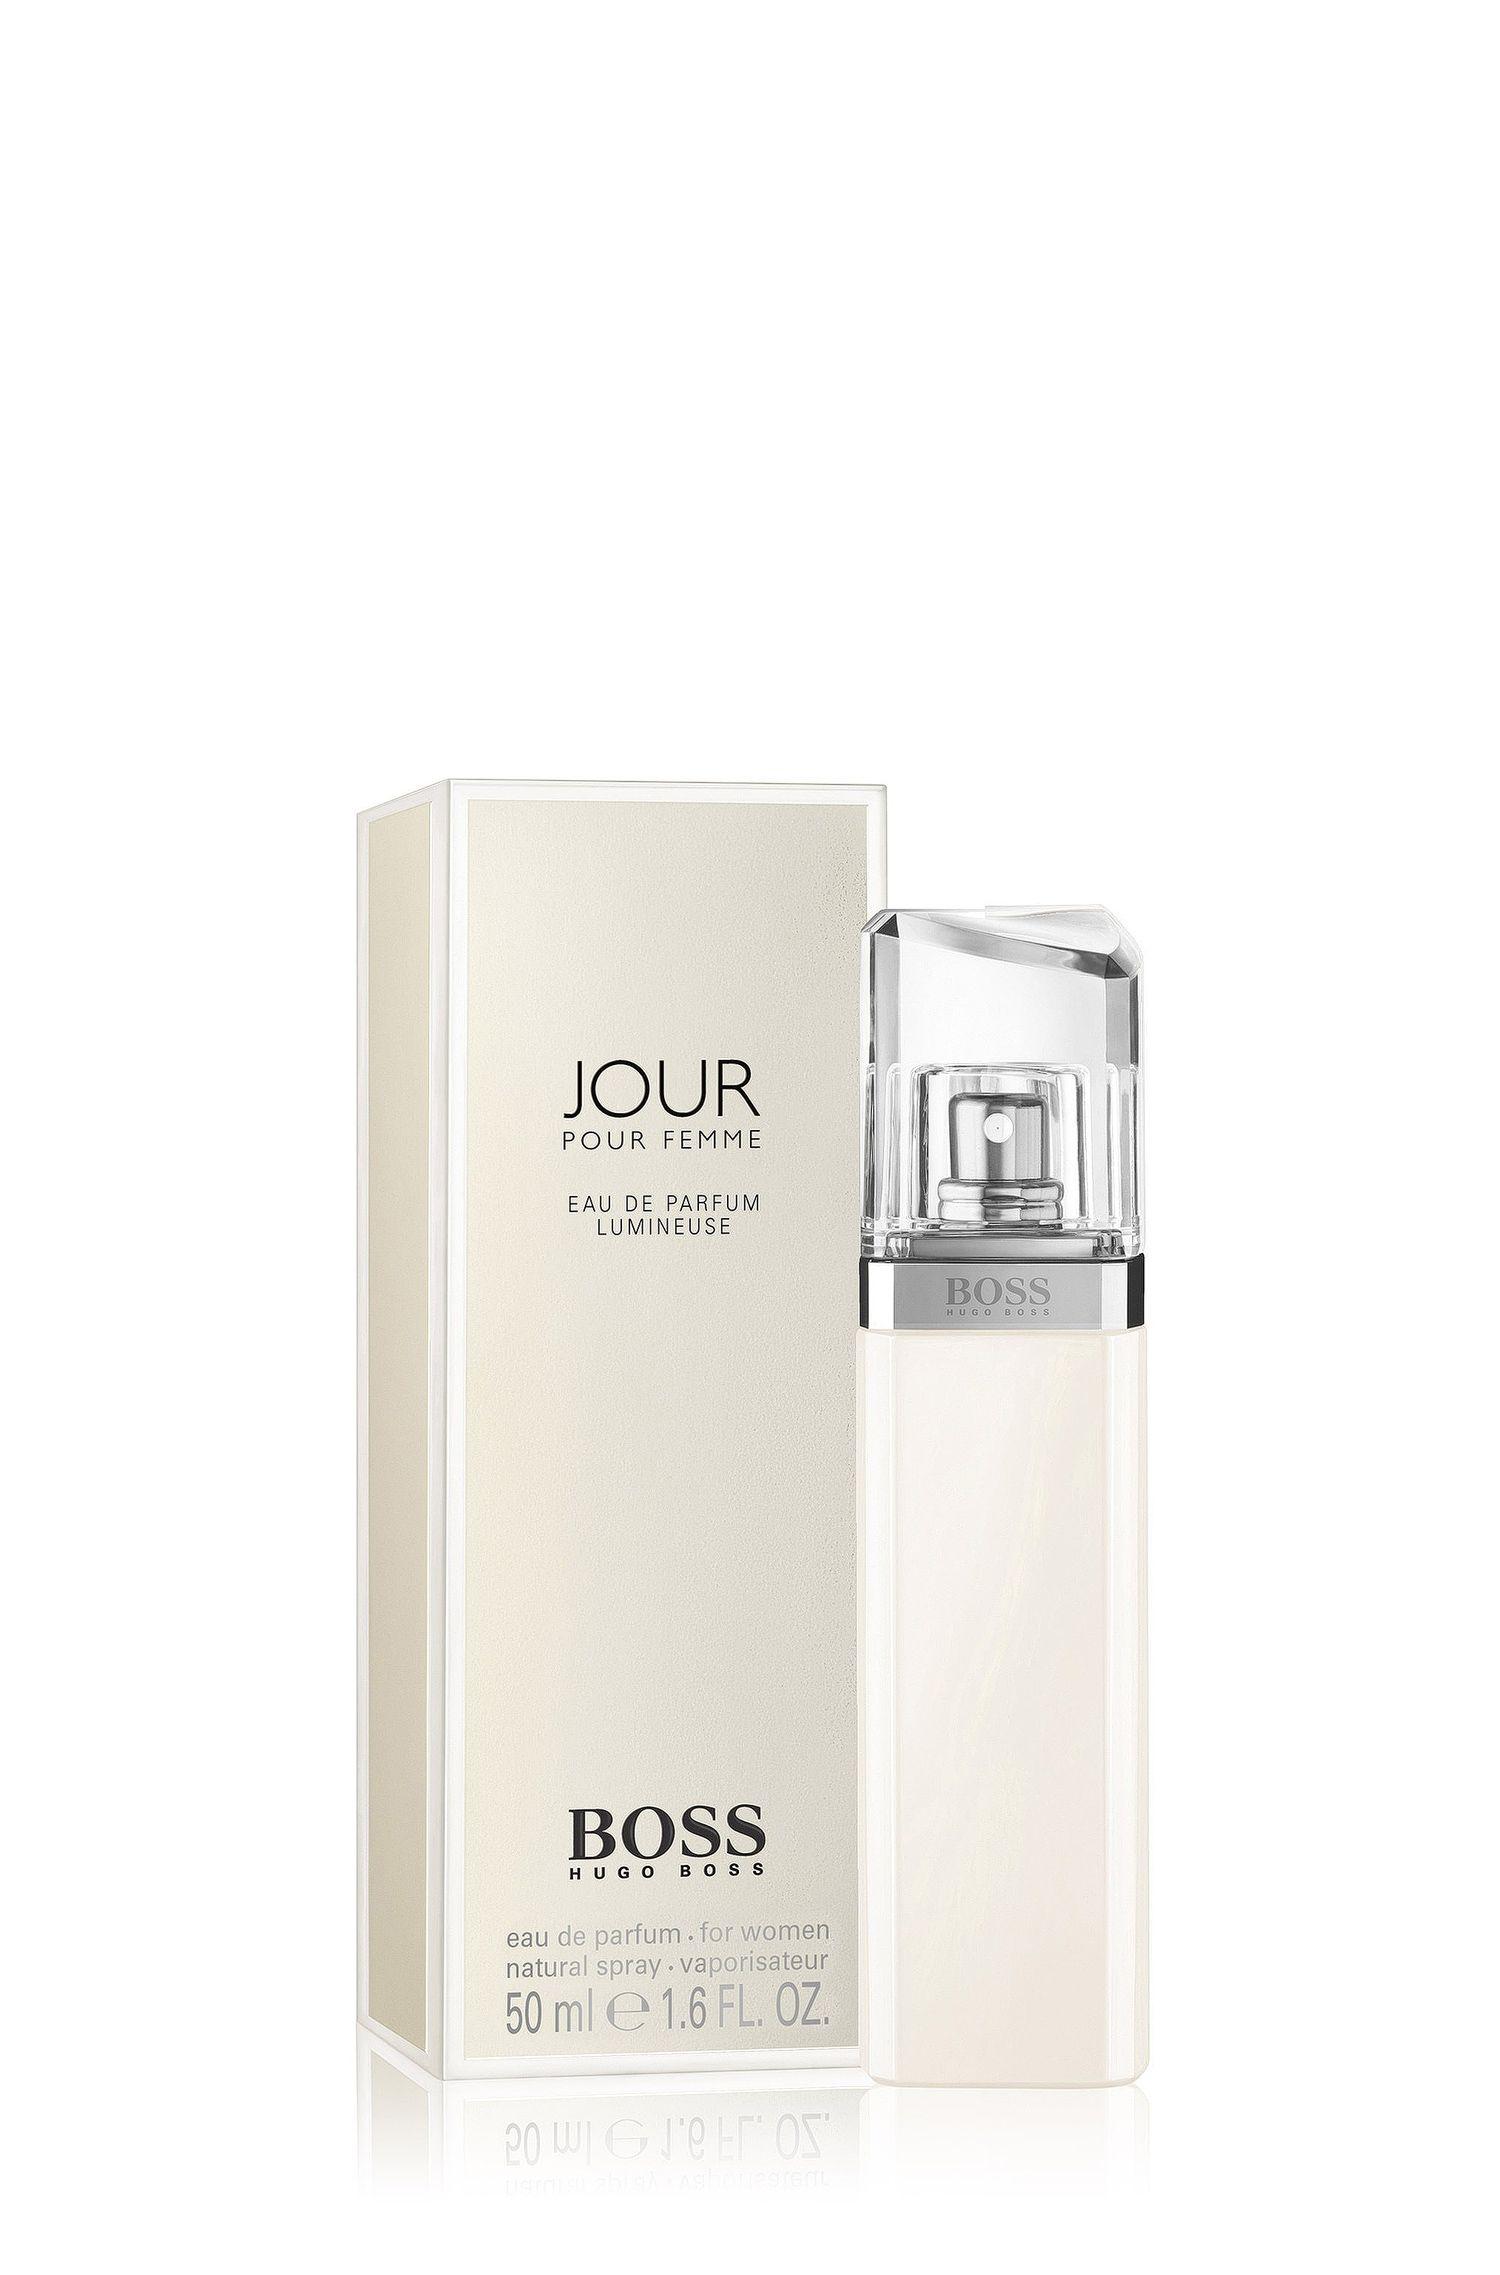 BOSS JOUR Lumineuse Eau de Parfum 50 ml